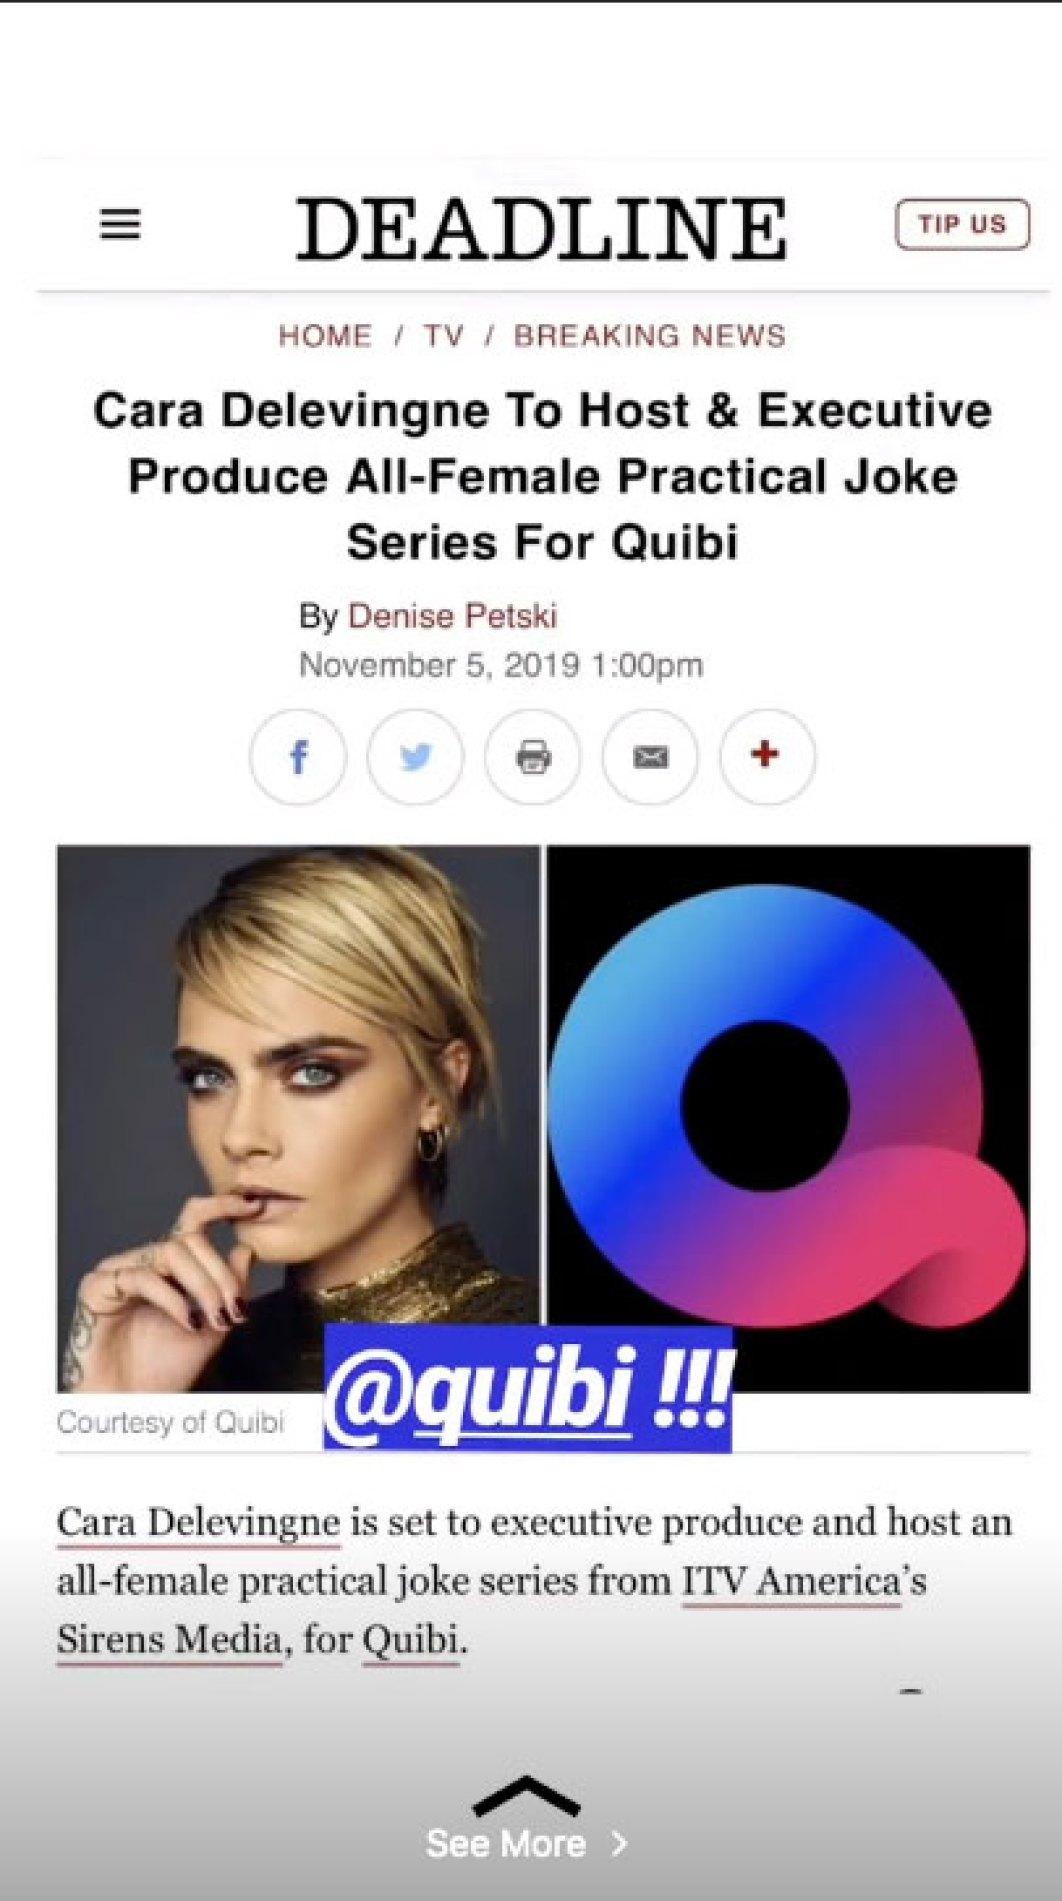 Cara Delevingne To Host Practical Joke Show